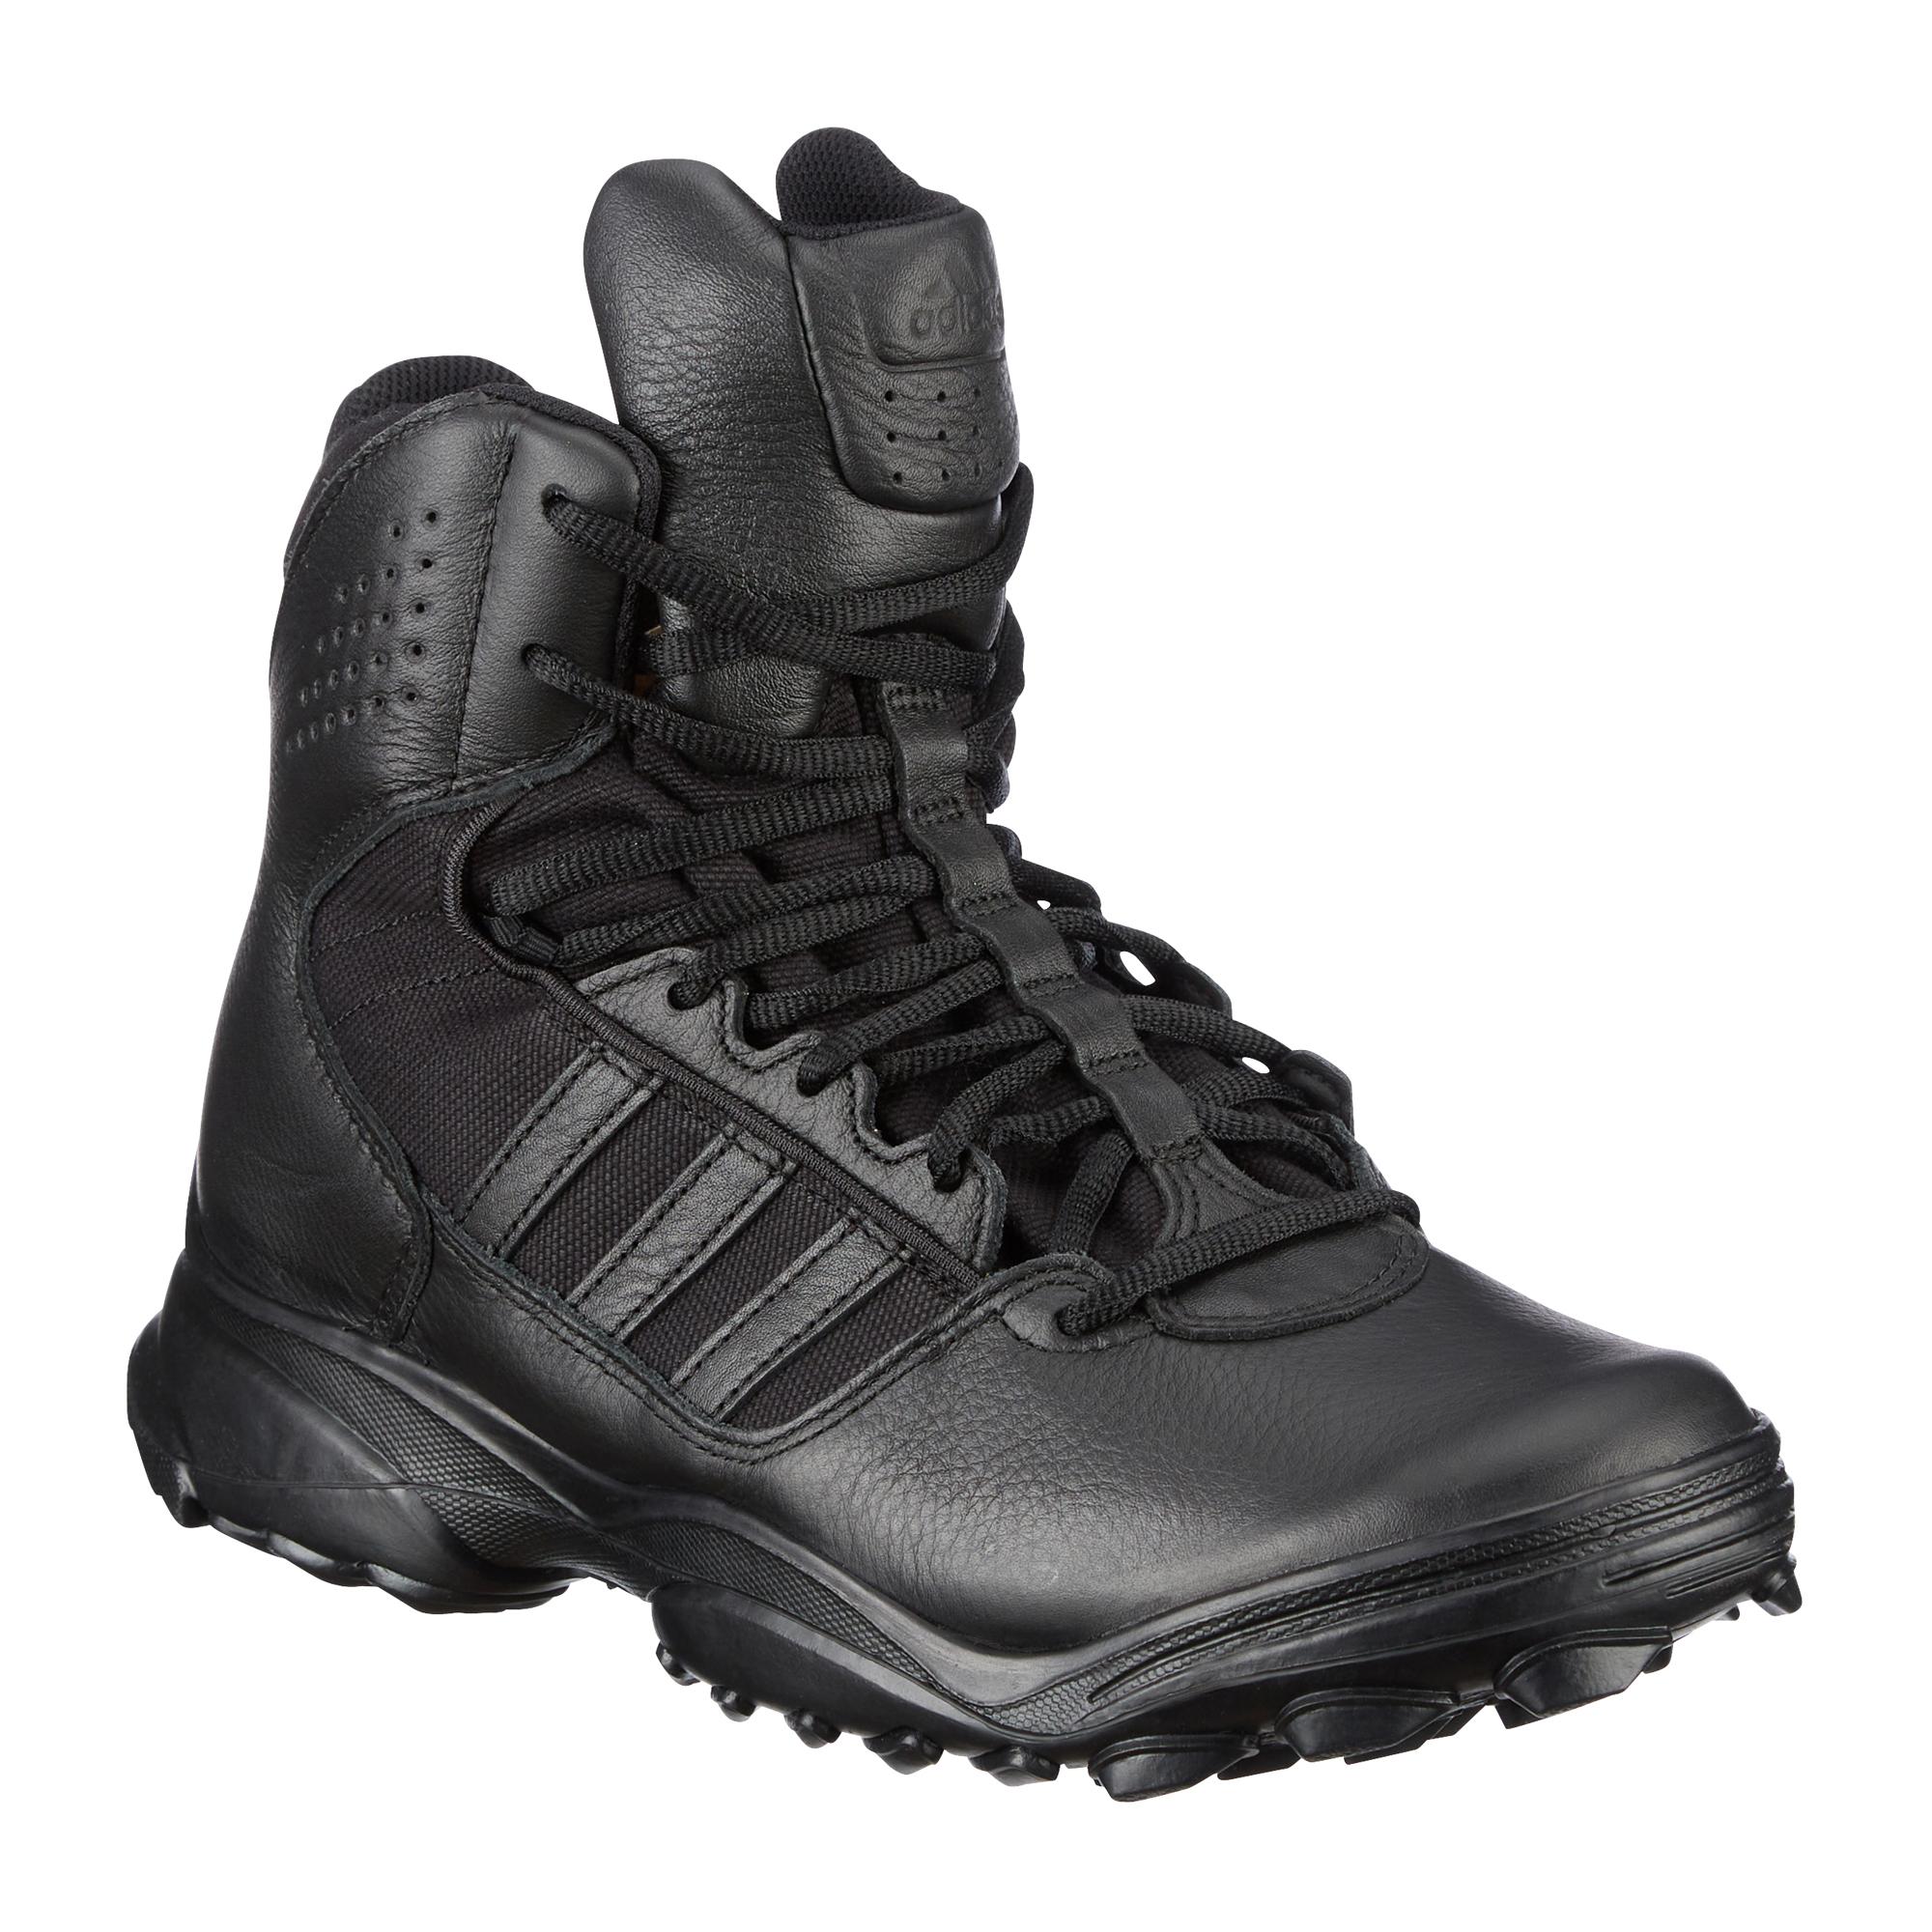 Adidas GSG 9.2 Desert Springerstiefel, Schwarz: